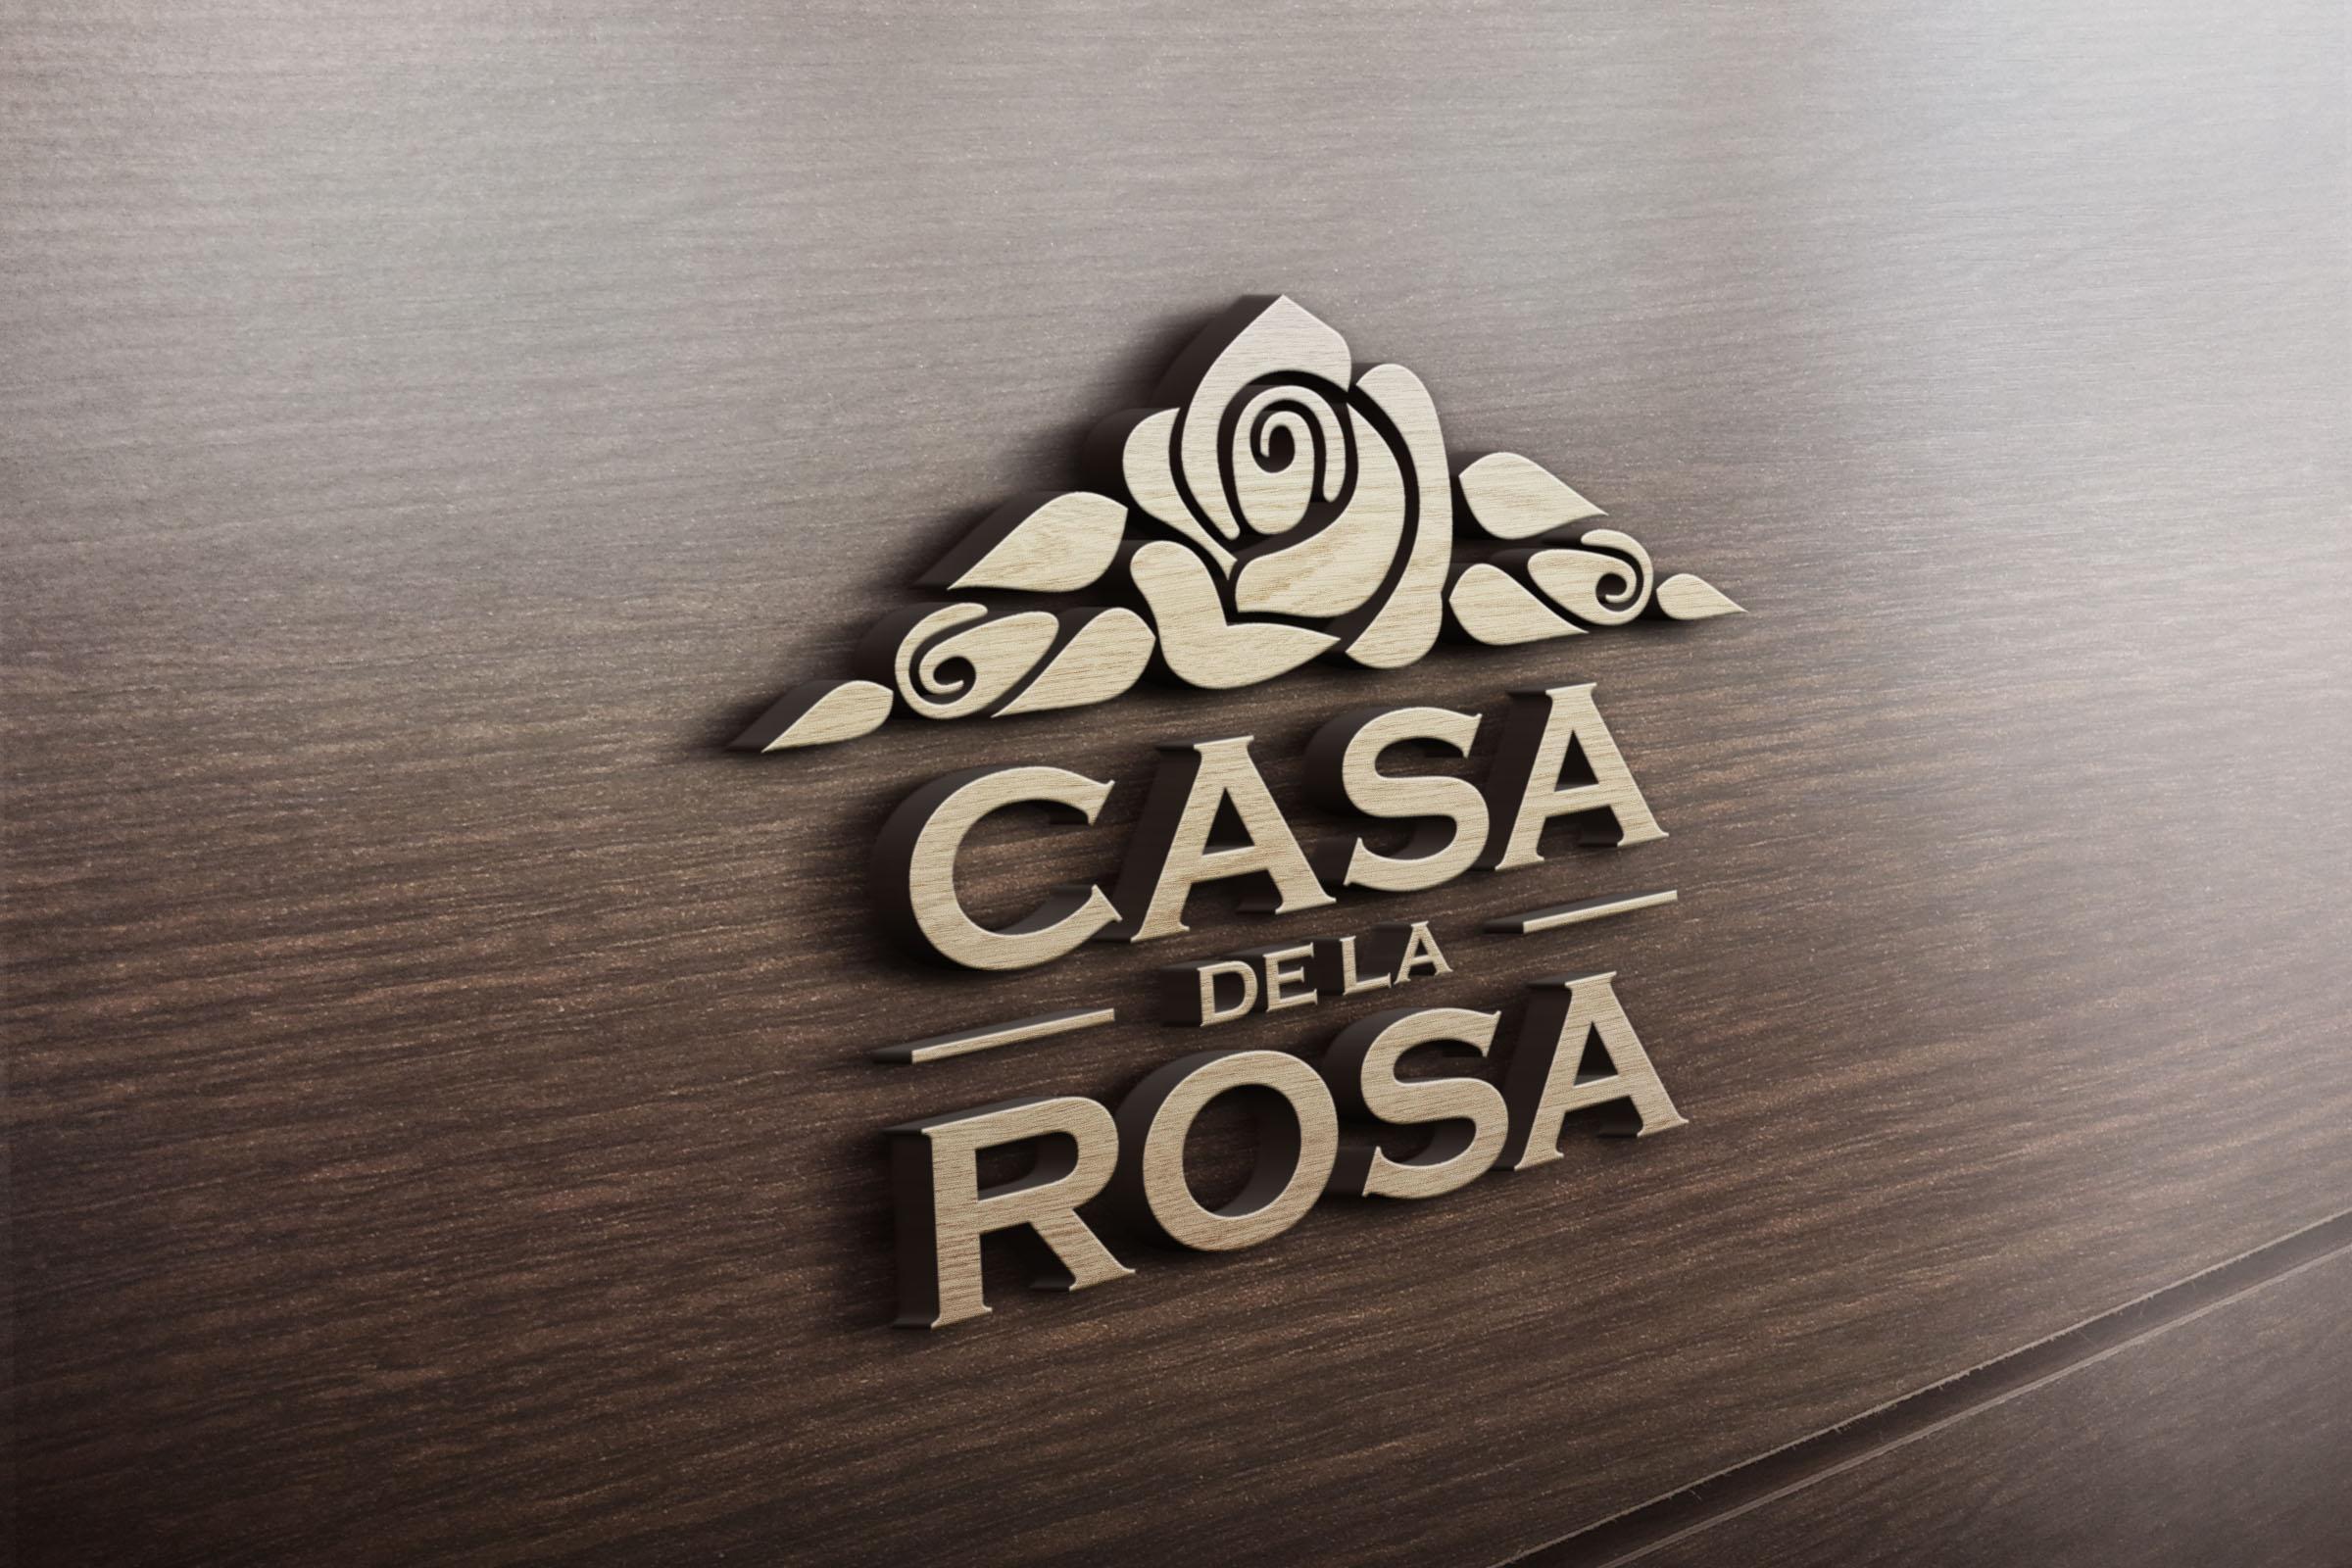 Логотип + Фирменный знак для элитного поселка Casa De La Rosa фото f_1115cd606dc571fd.jpg